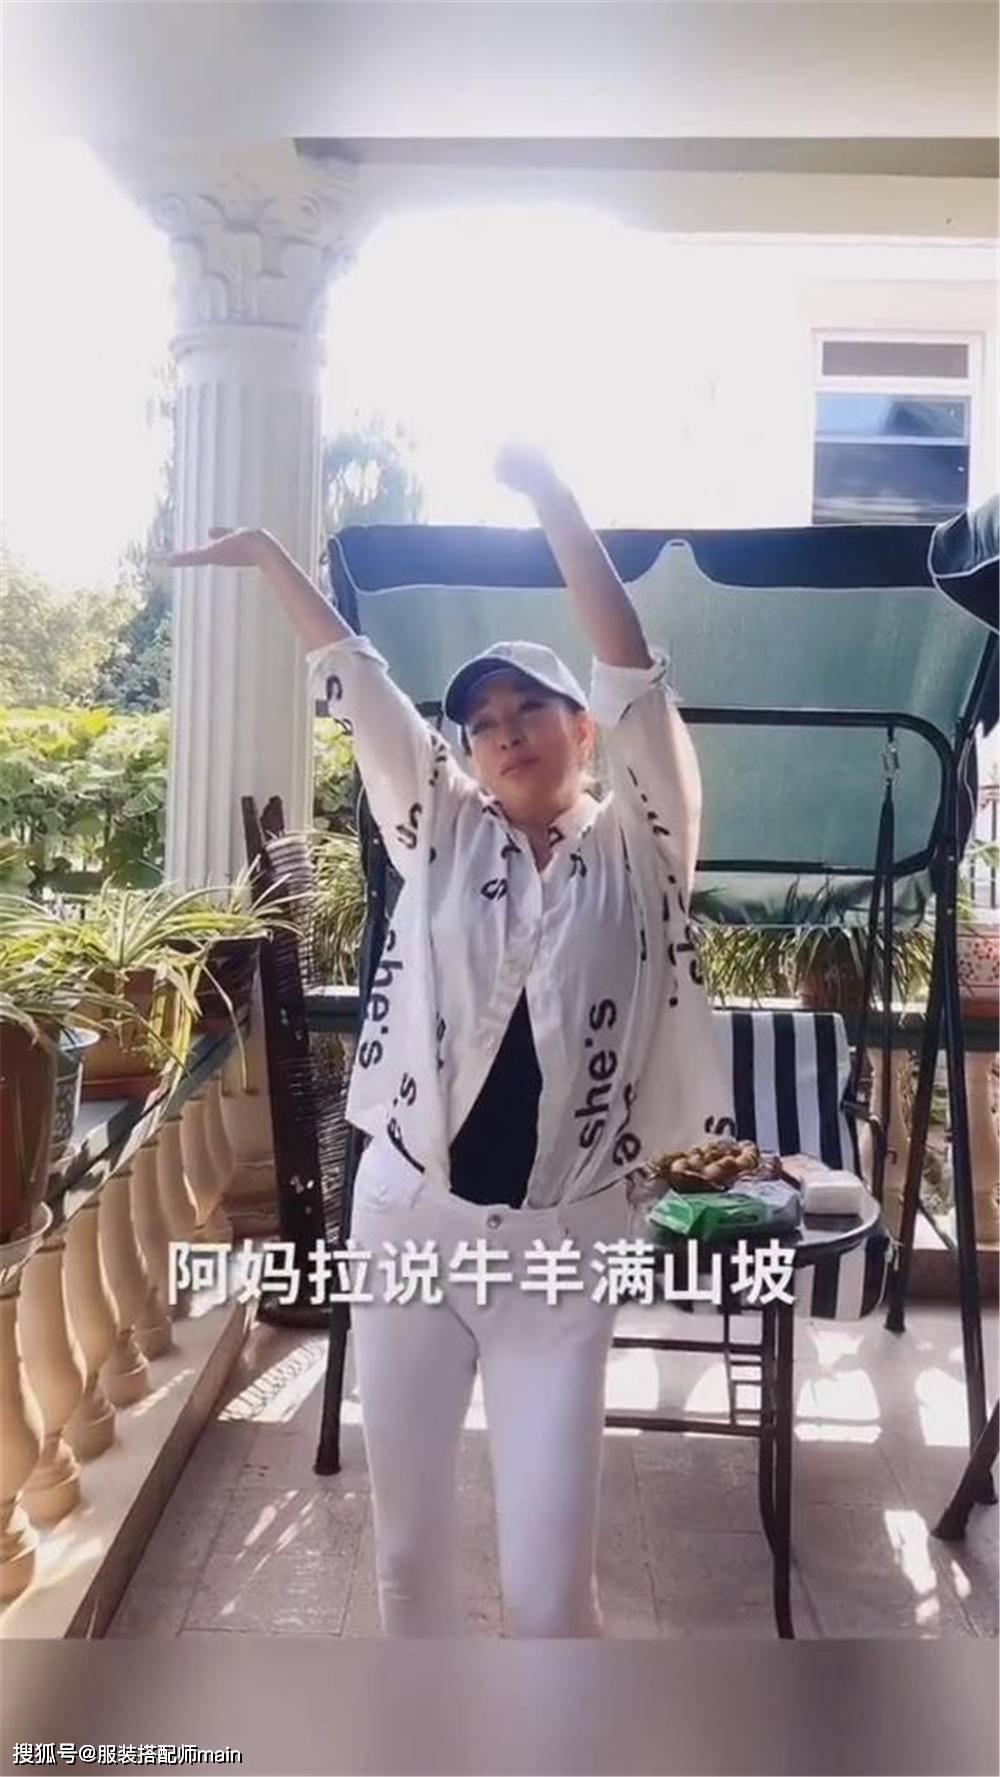 刘晓庆花甲之年衣品仍在线,白衣白裤优雅知性,秀舞姿再现女神范